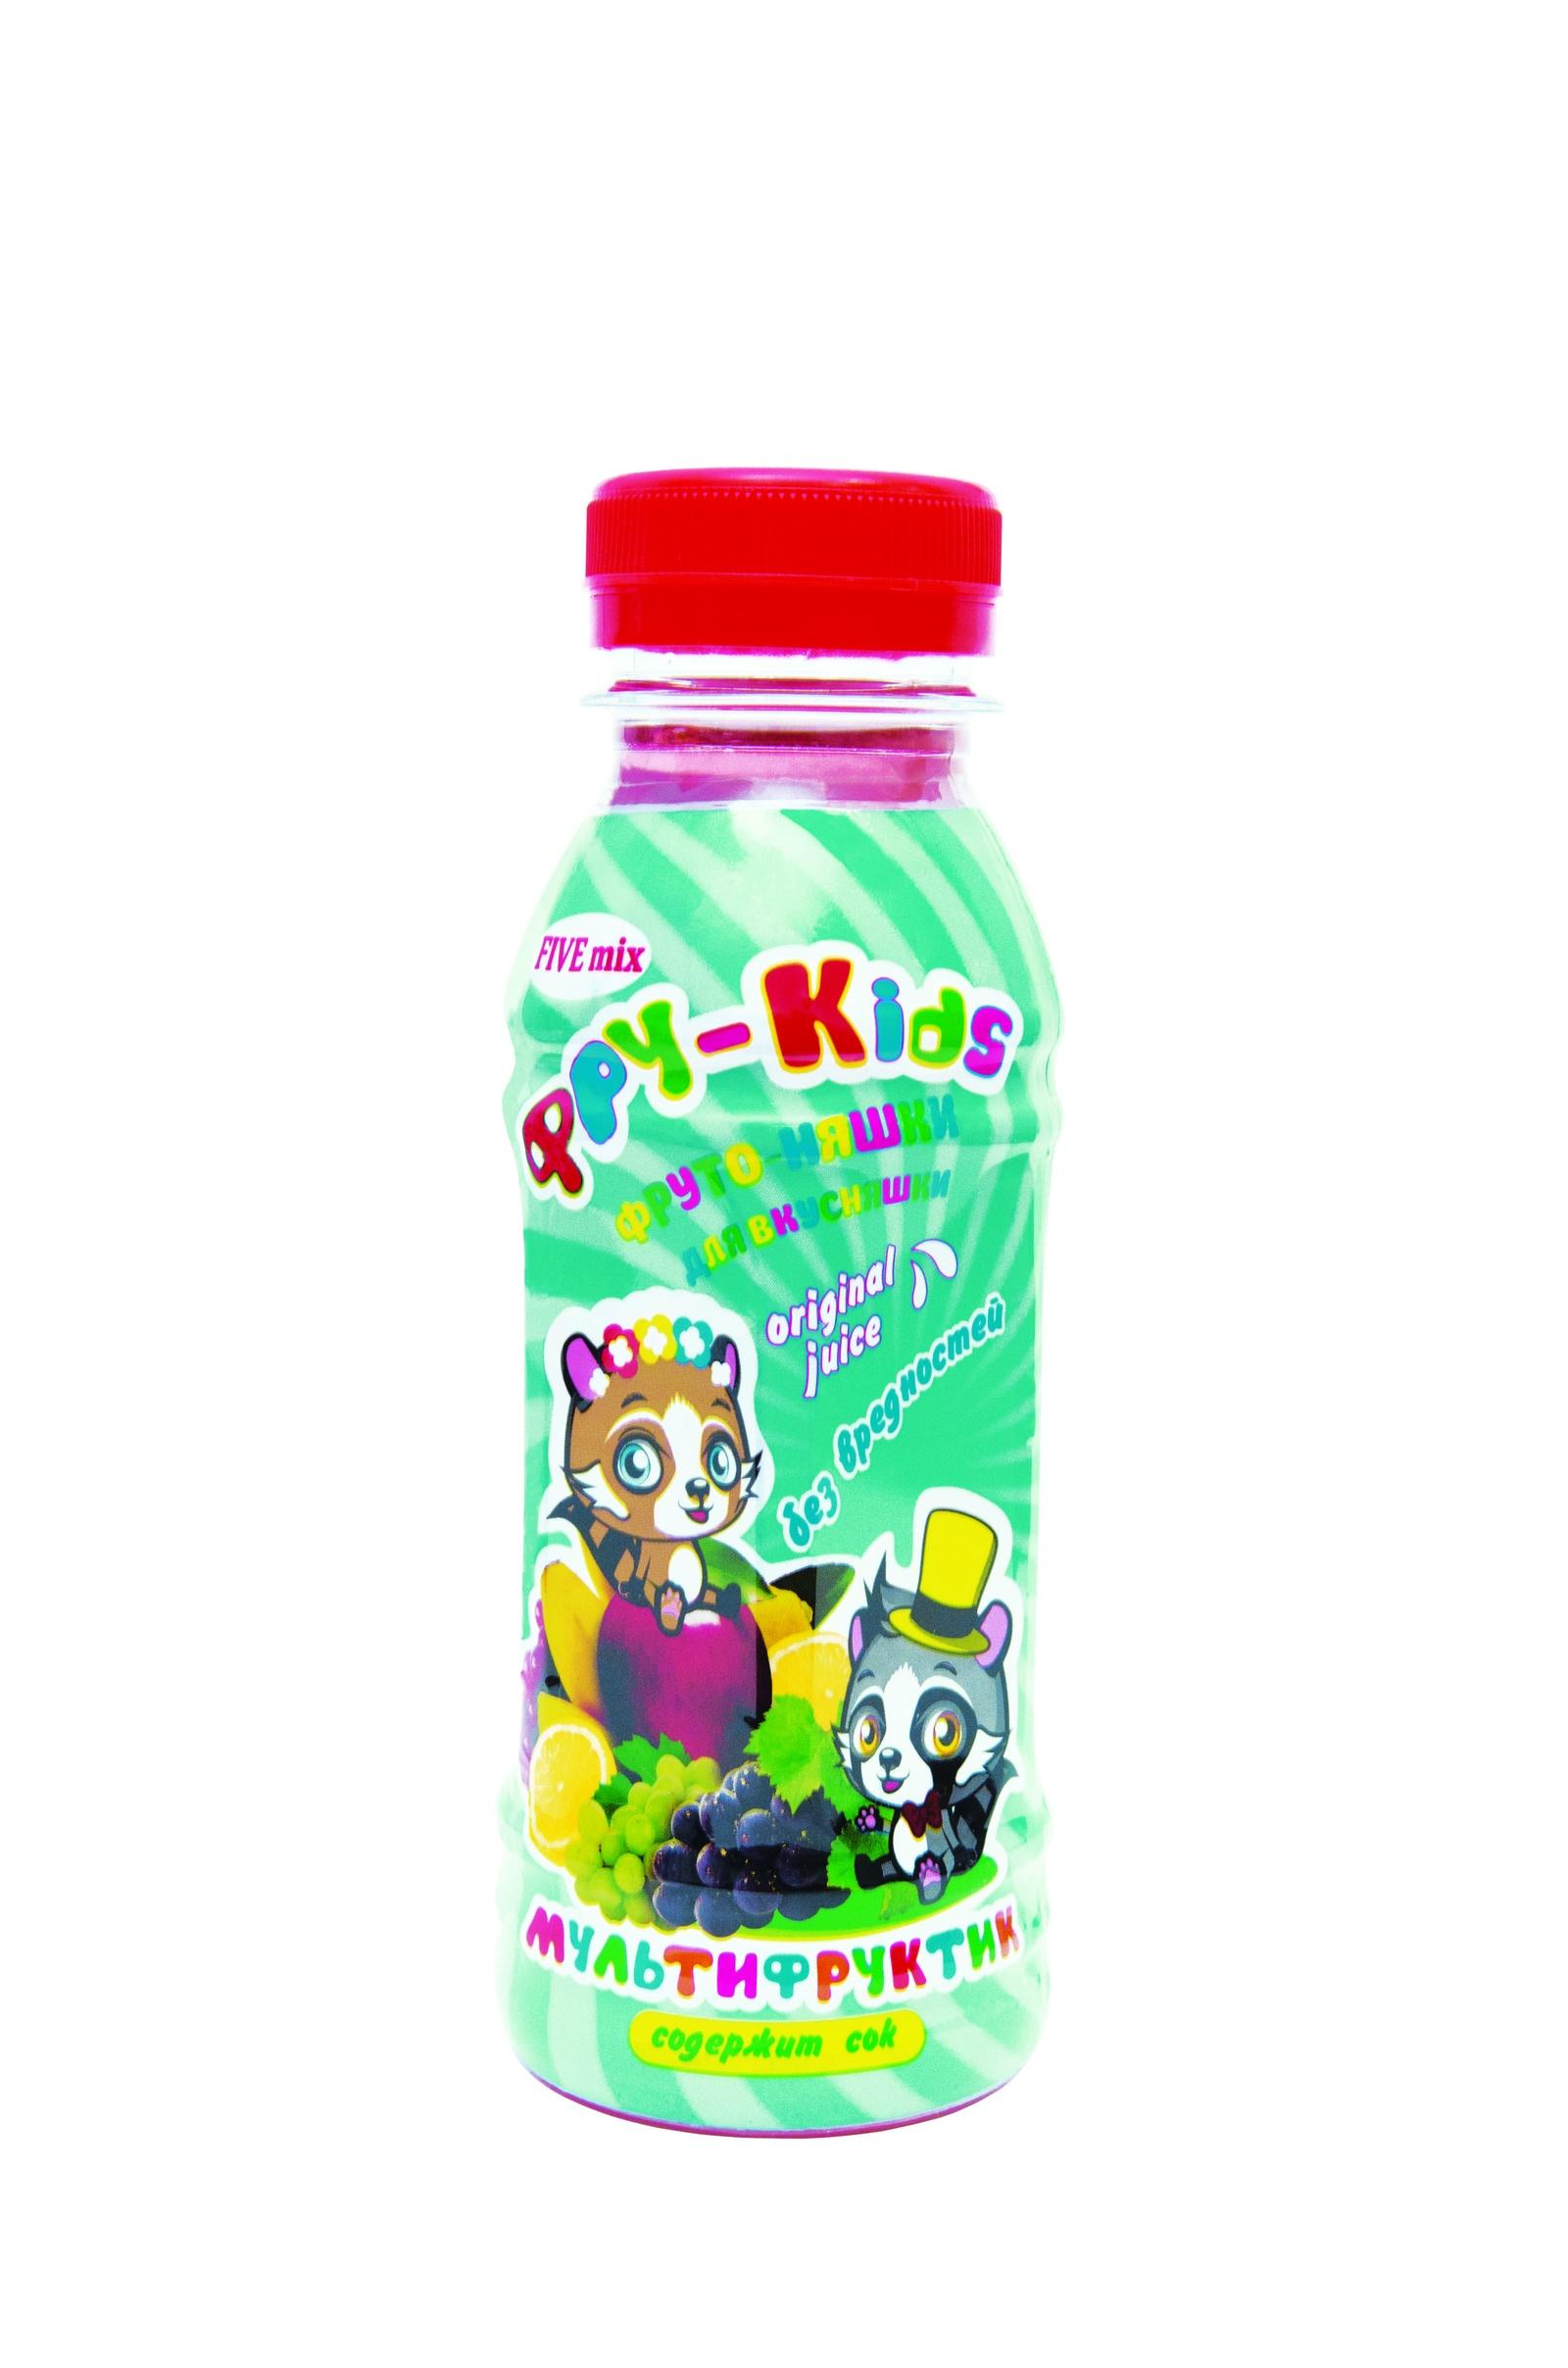 Фру - Kids Мультифруктик